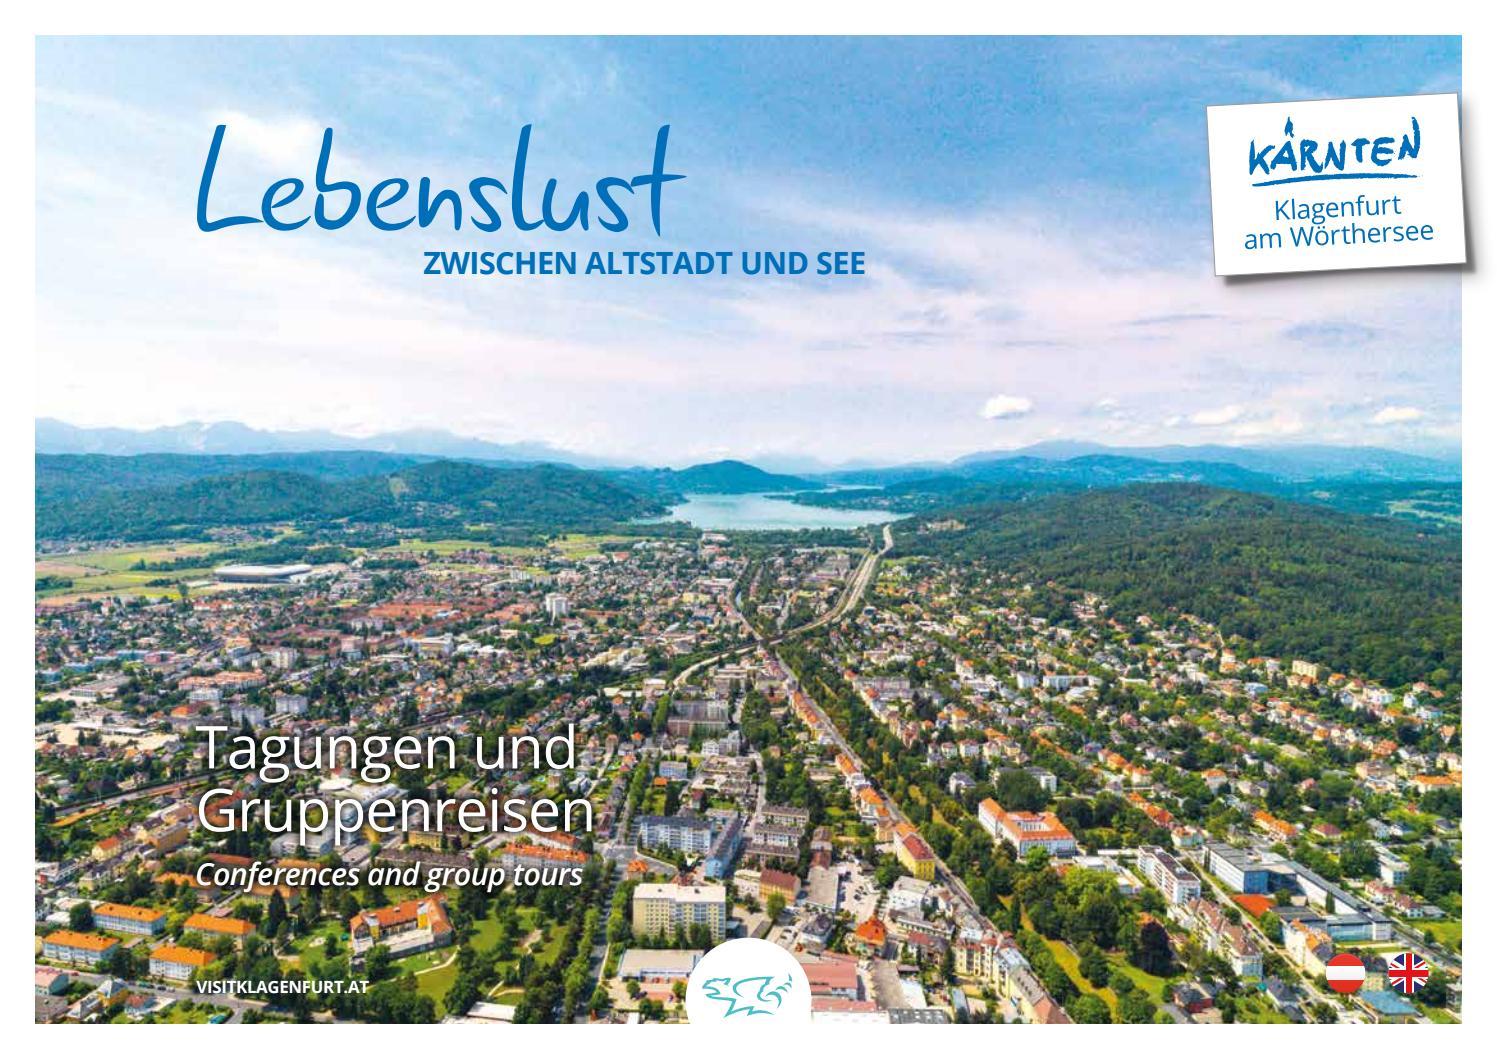 Tagungen und Gruppenreisen in Klagenfurt am Wörthersee 2017 by ...